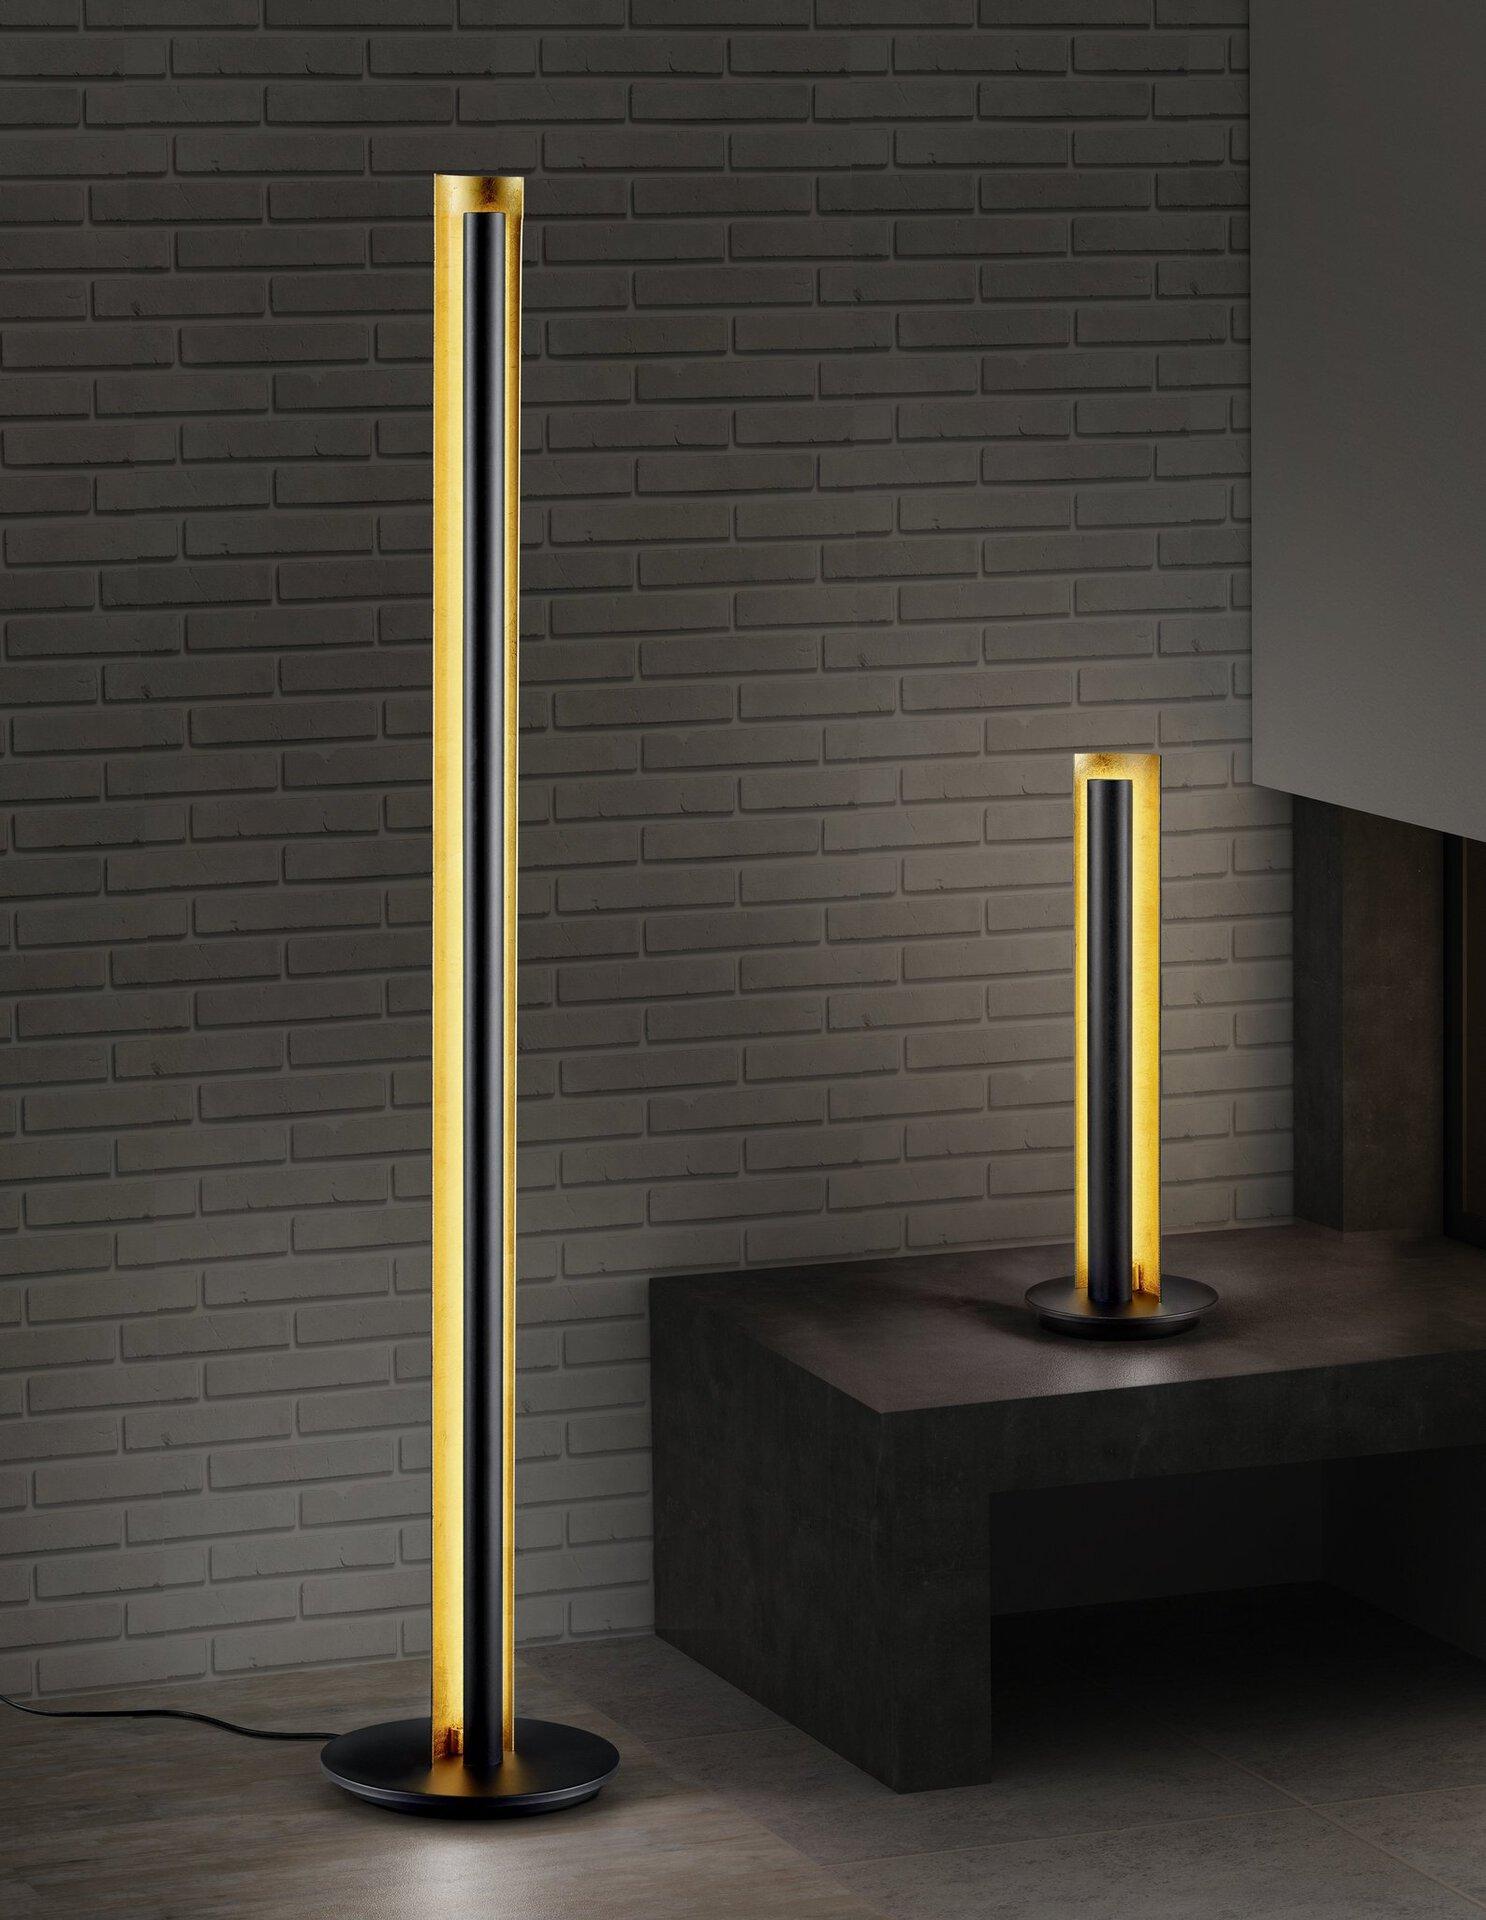 Stehleuchte Texel Trio Leuchten Metall schwarz 25 x 143 x 25 cm